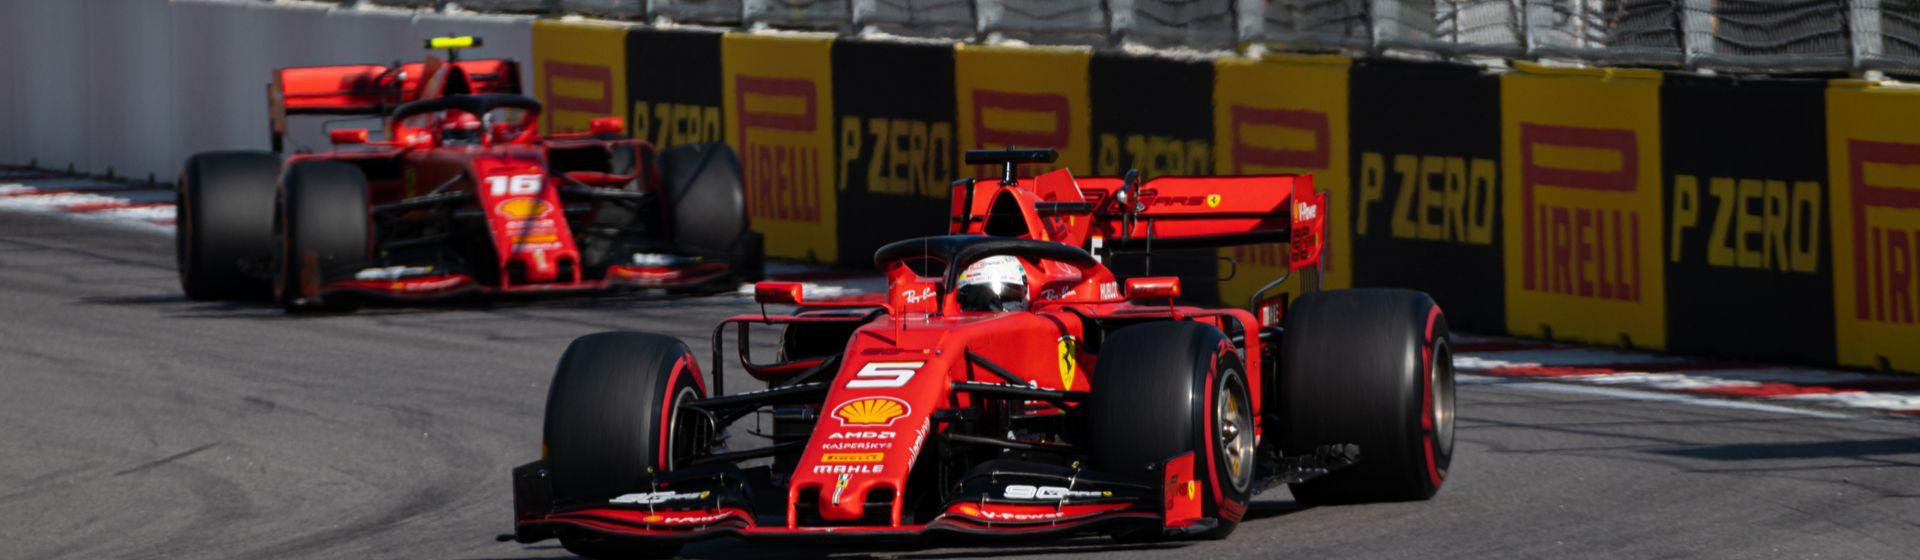 Assistir F1 ao vivo: onde ver os jogos + dicas para curtir as corridas da Fórmula 1